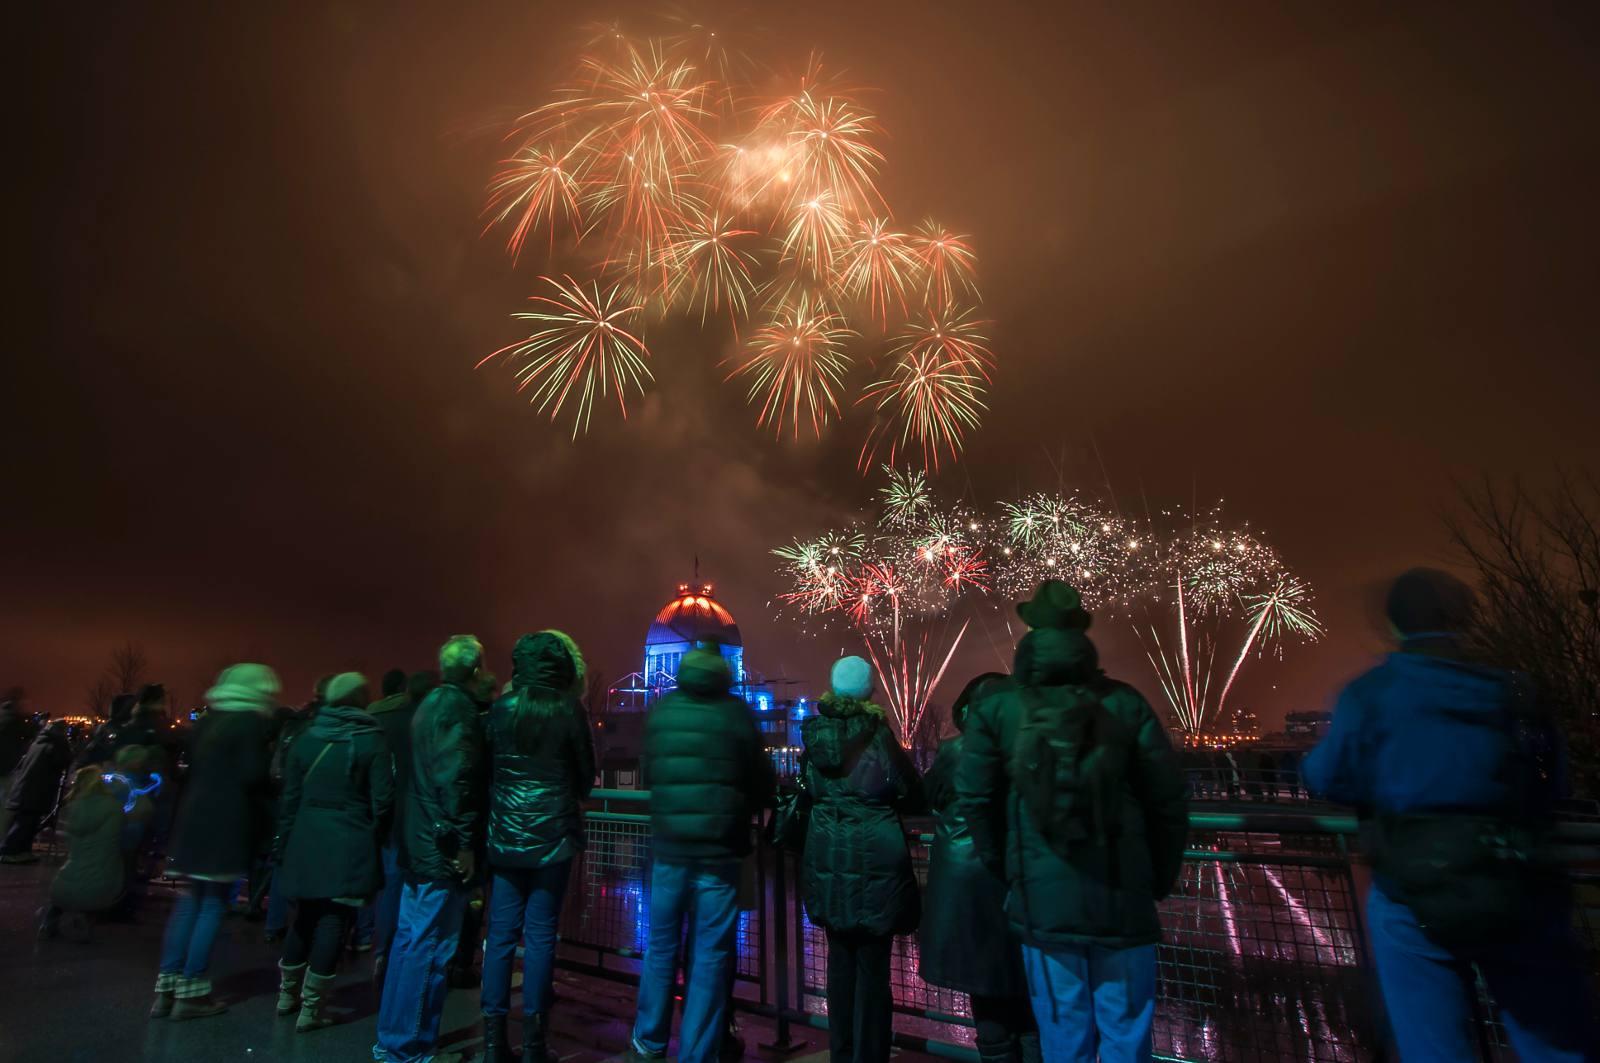 Kostenlose Aktivitäten in Montreal kommen Weihnachtsferien 2016-2017 gehören Feuerwerk zu tun.